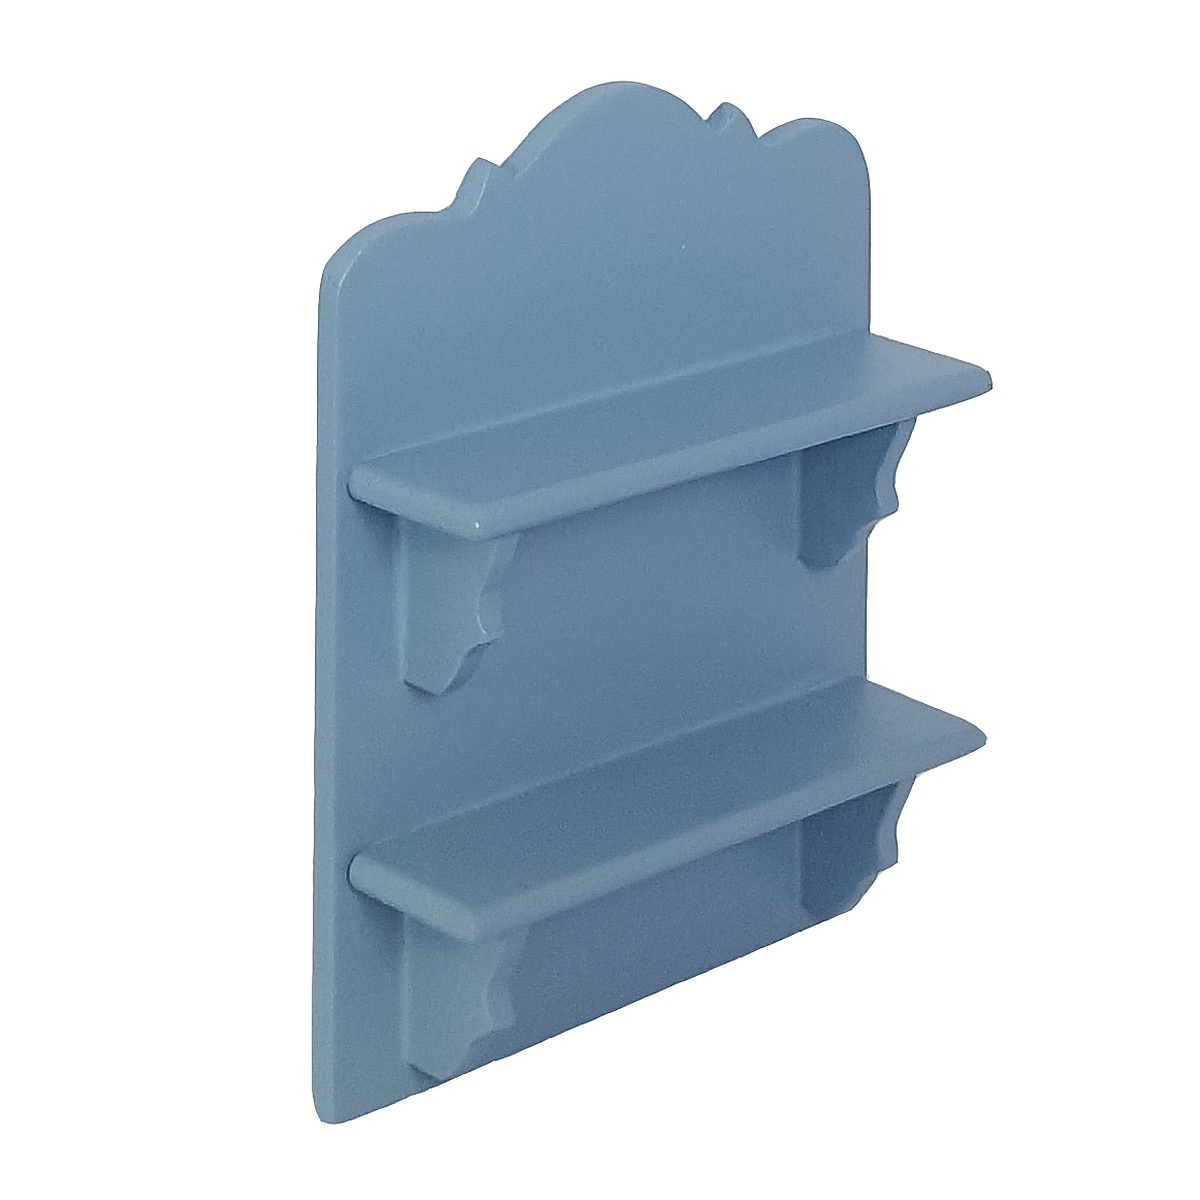 Hanging shelf, blue 完成品・ハンギングシェルフ ブルー